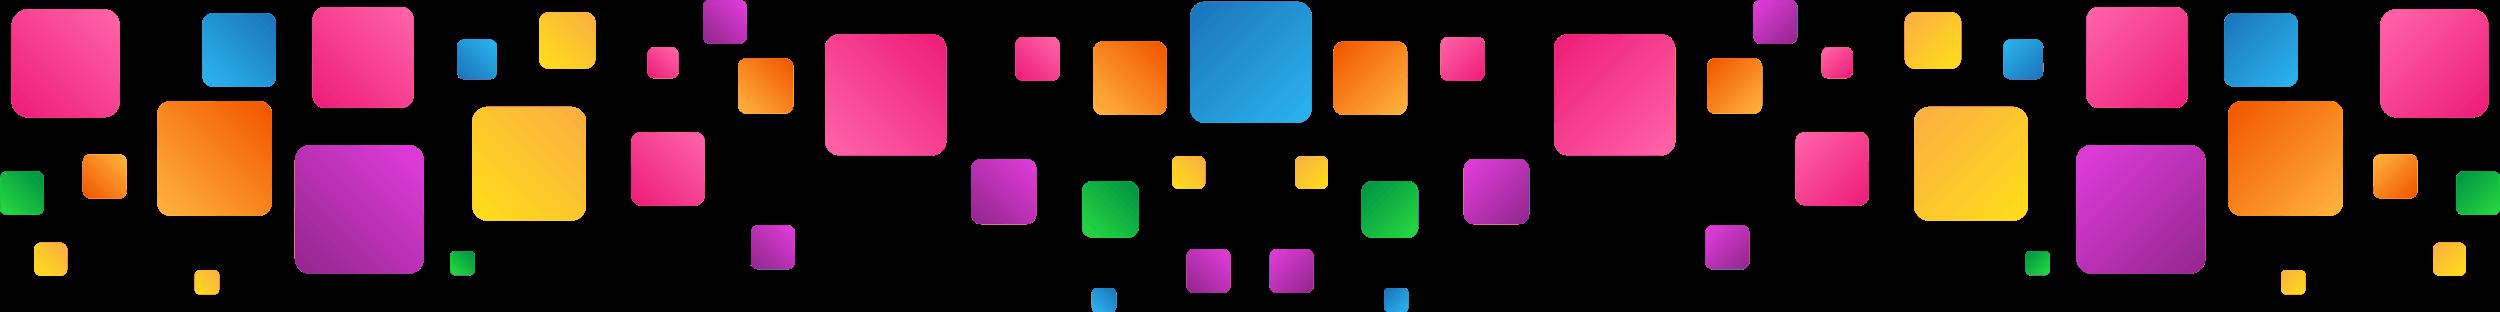 ColorShapes-LongTop